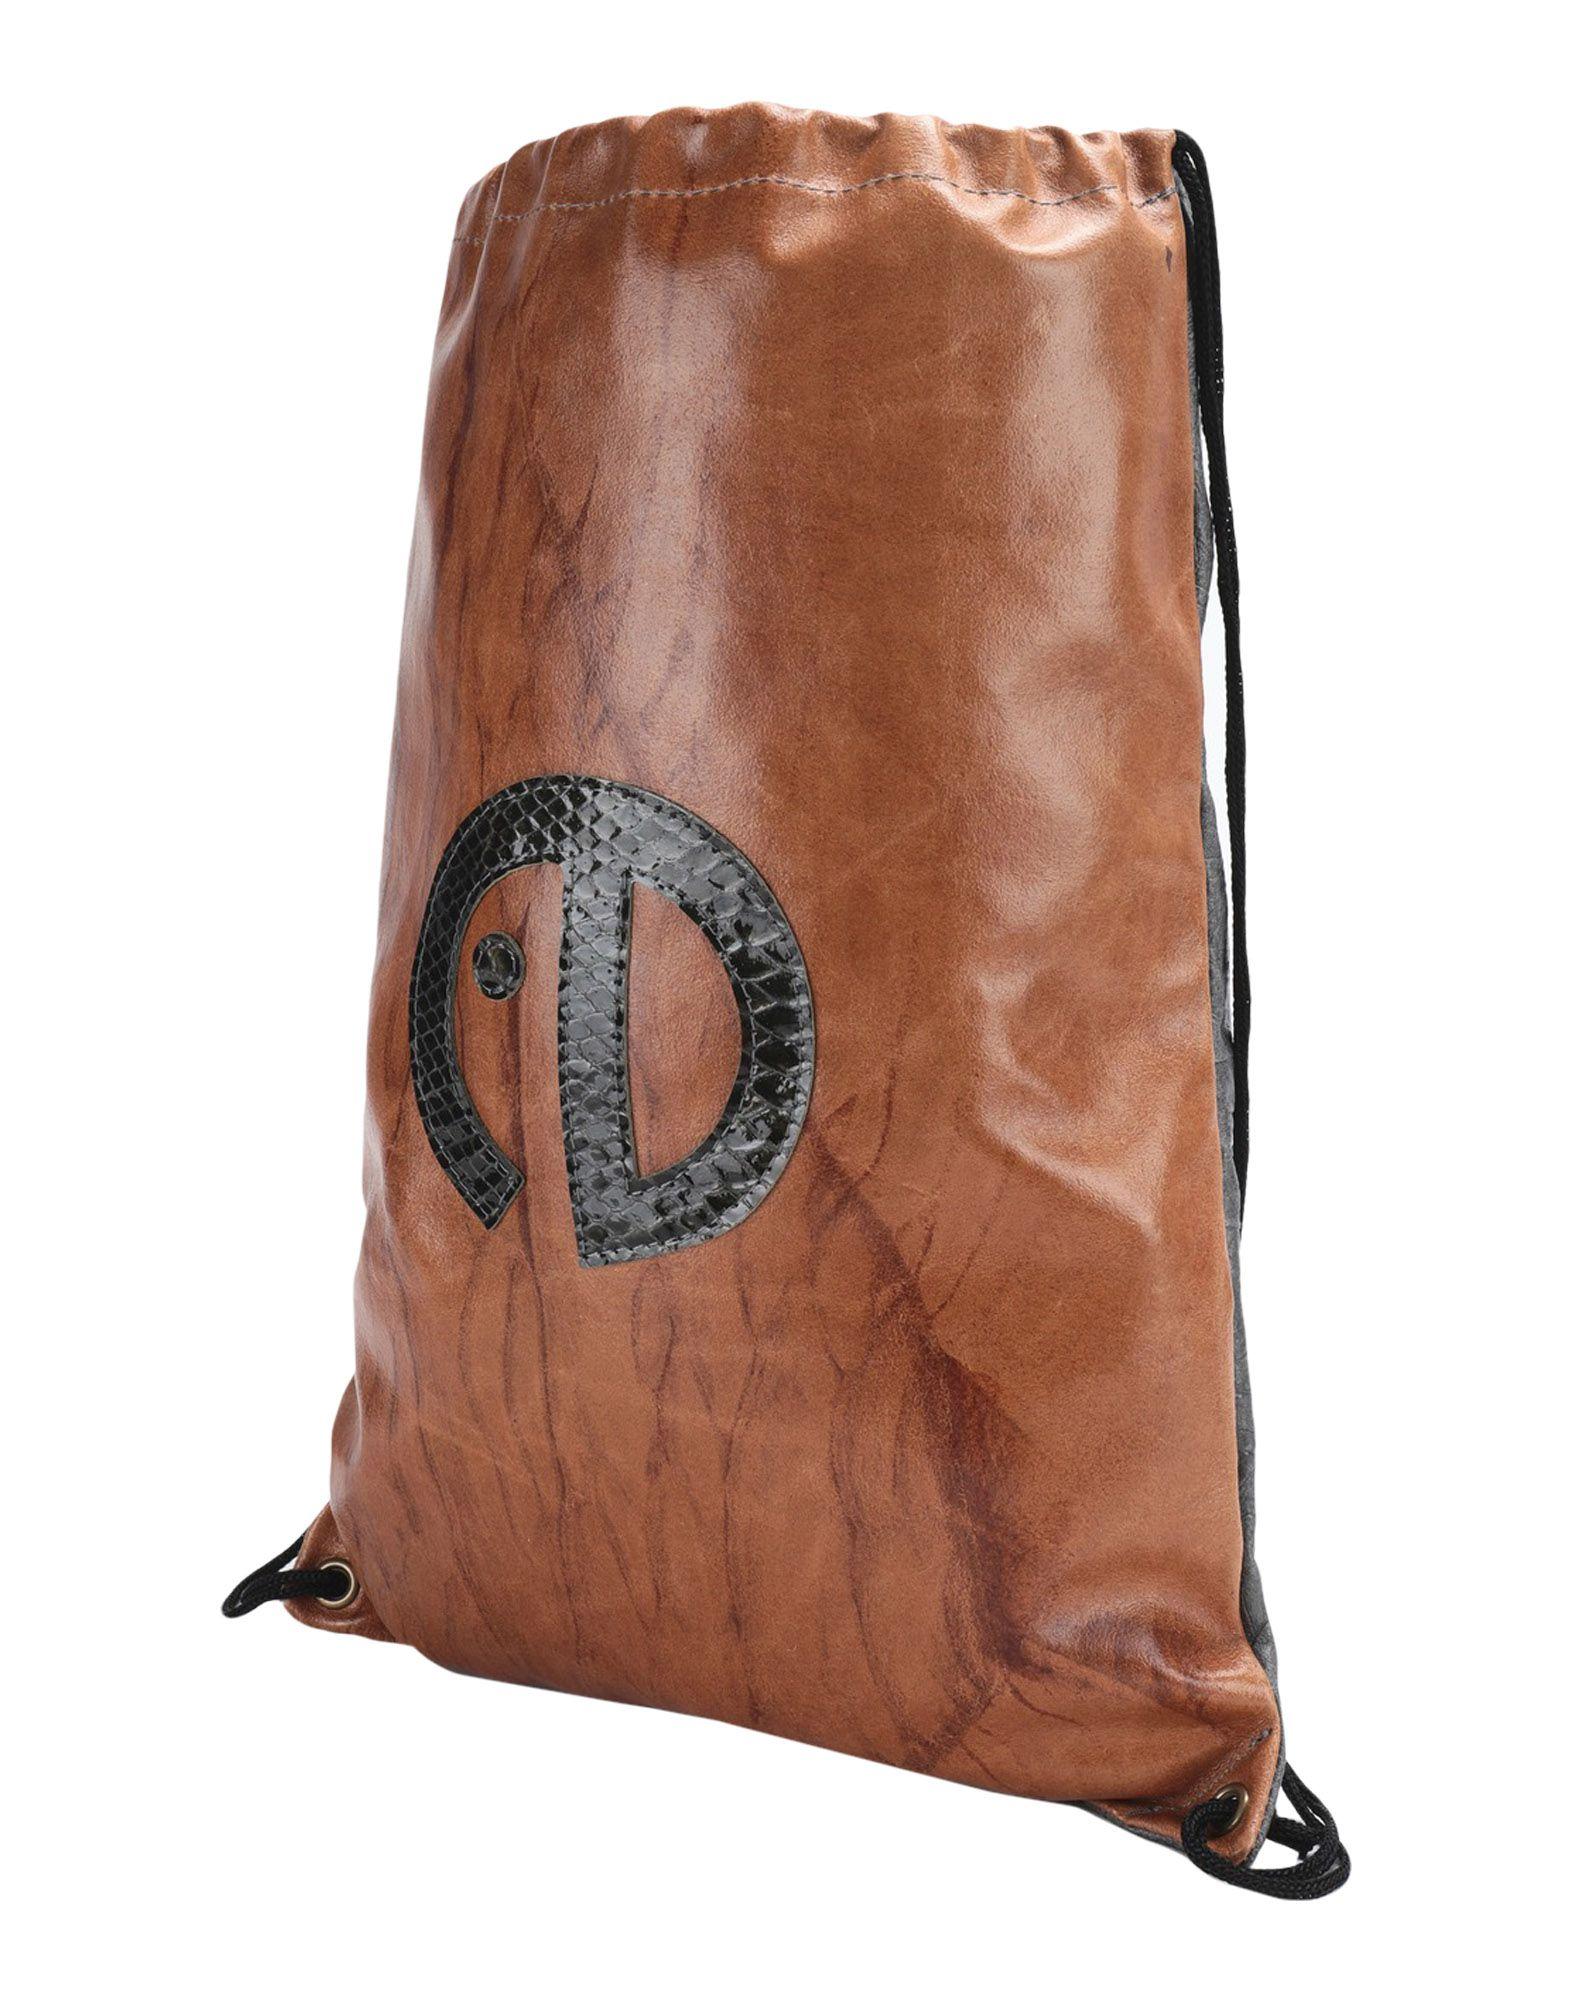 EBARRITO Рюкзаки и сумки на пояс дизайнер высокое качество натуральная кожа женские винтажные овчины твердые школьные сумки mochilas mujer 2017 рюкзаки для девочек